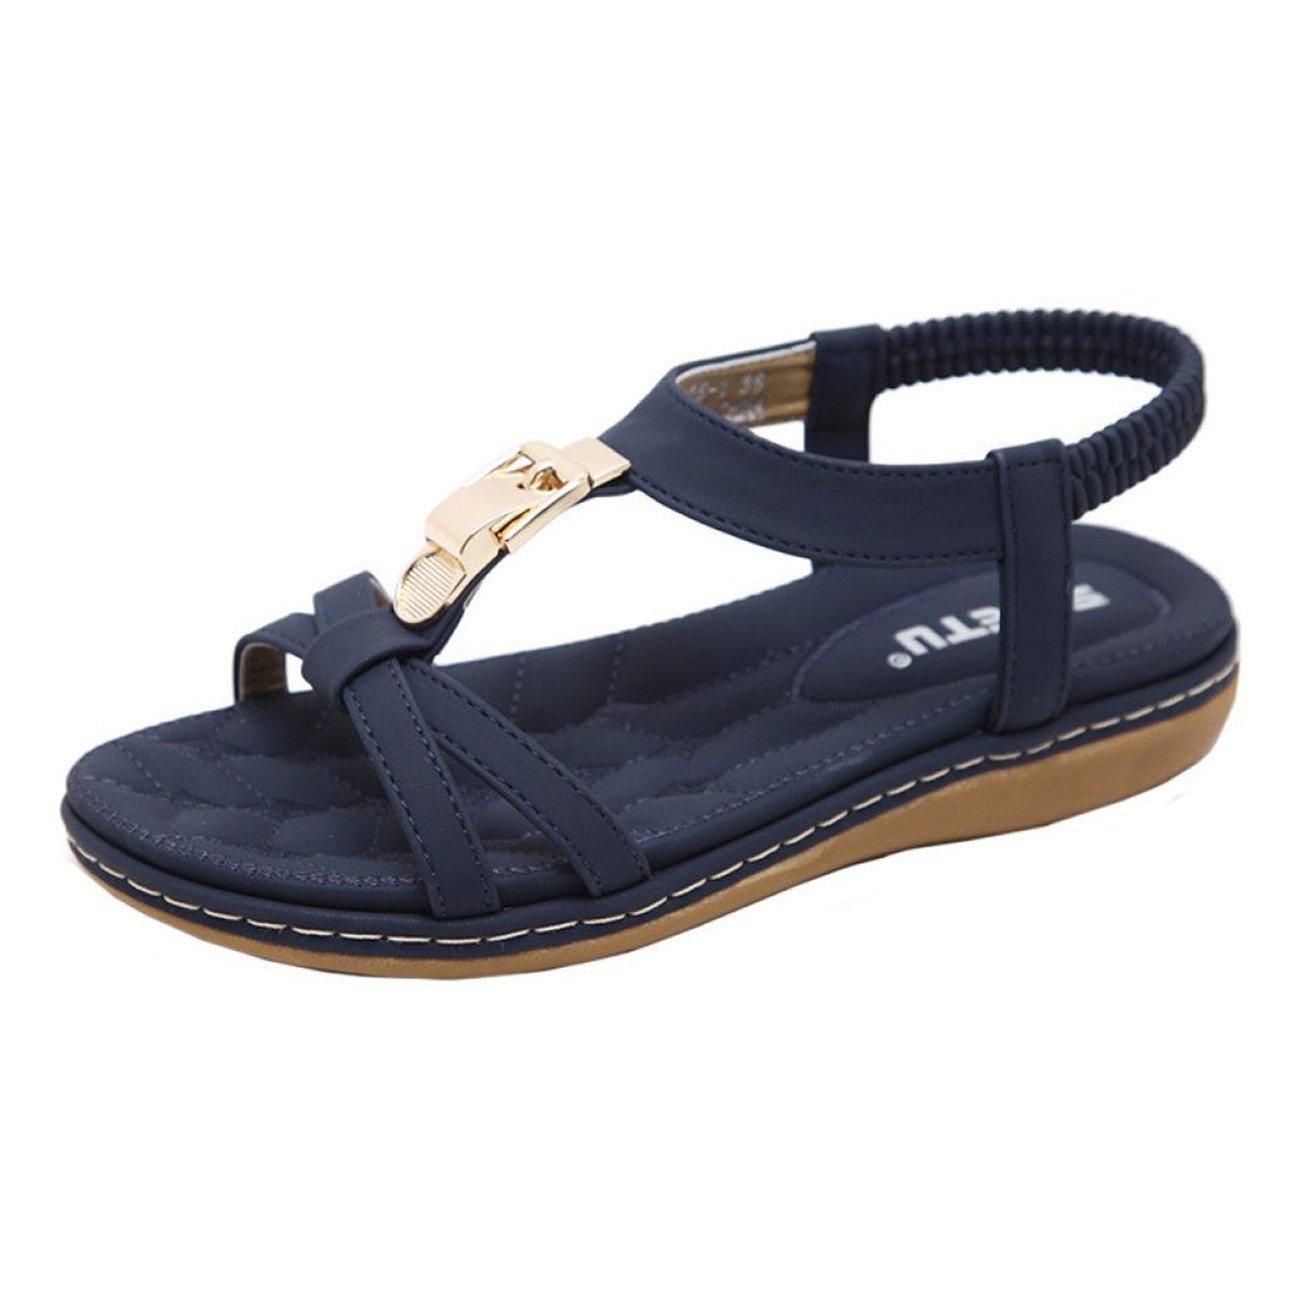 HCFKJ Femmes Sandales Chaussures Plates HCFKJ Femme, Mode Femmes Chaussures Plates Bohême Lady Filles Boucle Métallique Sandales Chaussures de Plein Air Bleu 08e446c - boatplans.space